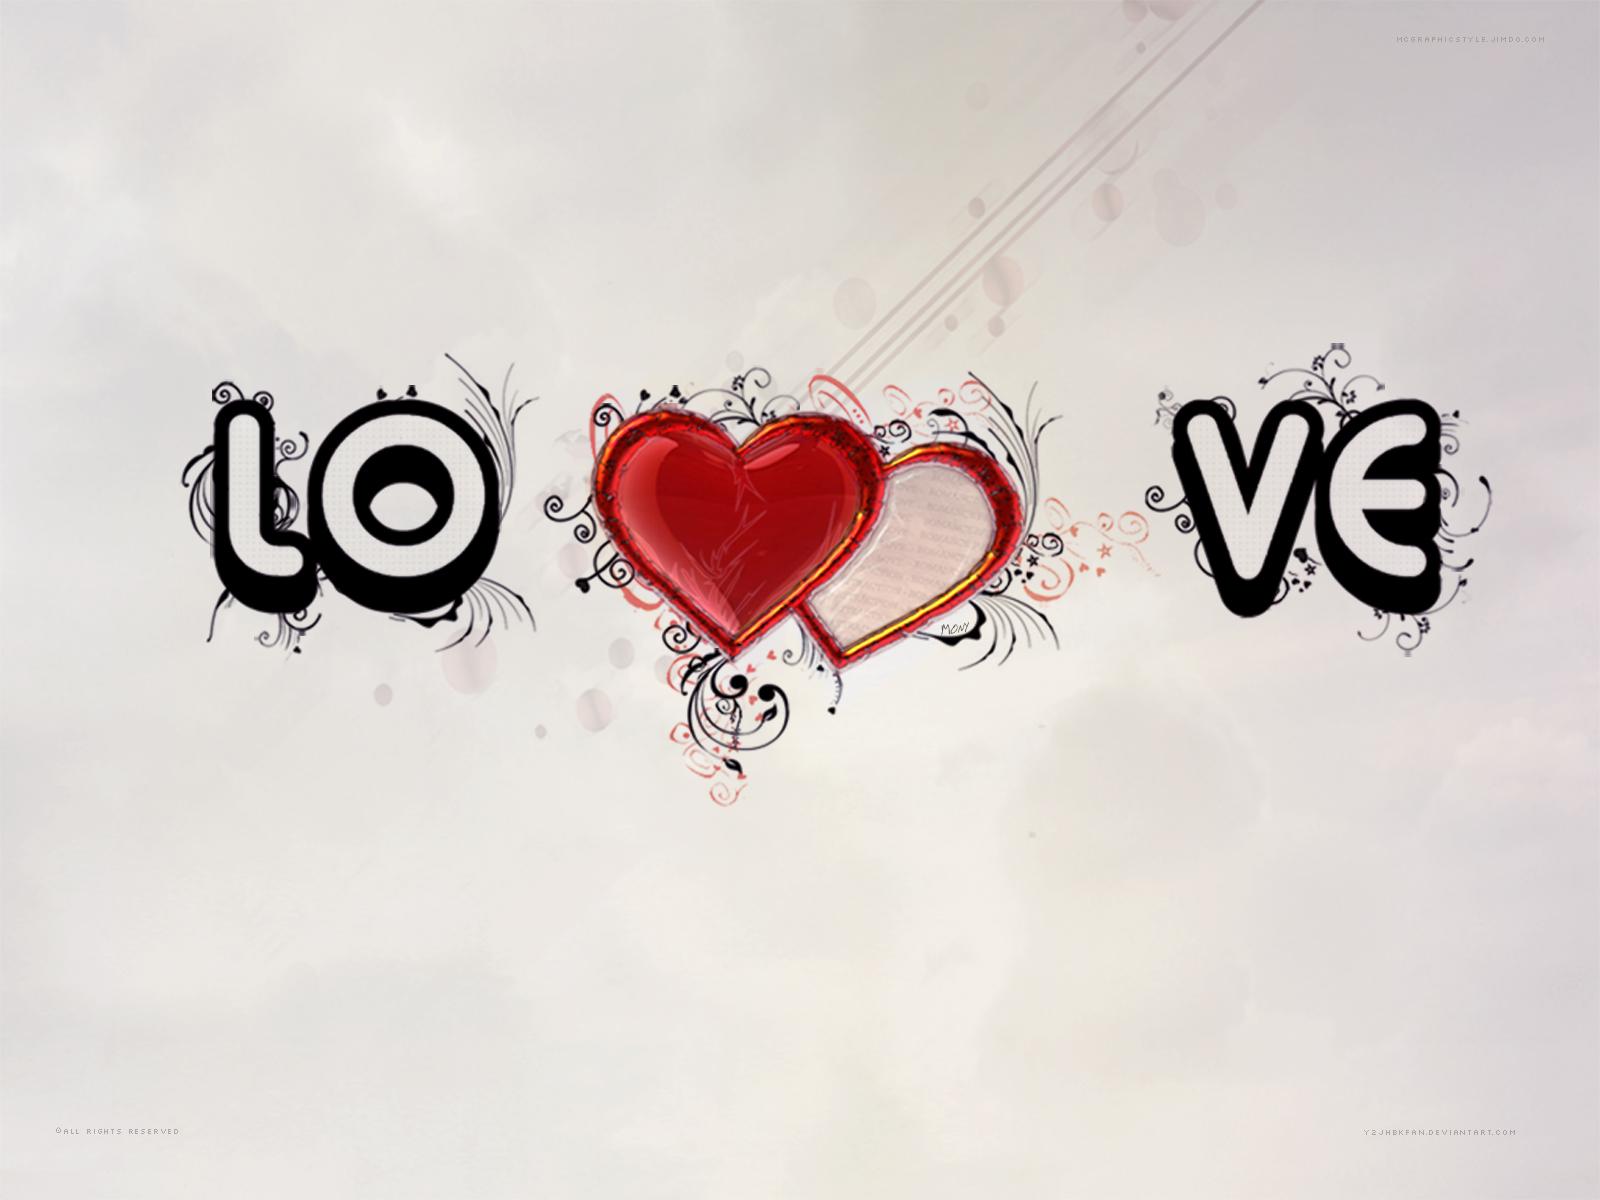 Love392457687 - Love - Love